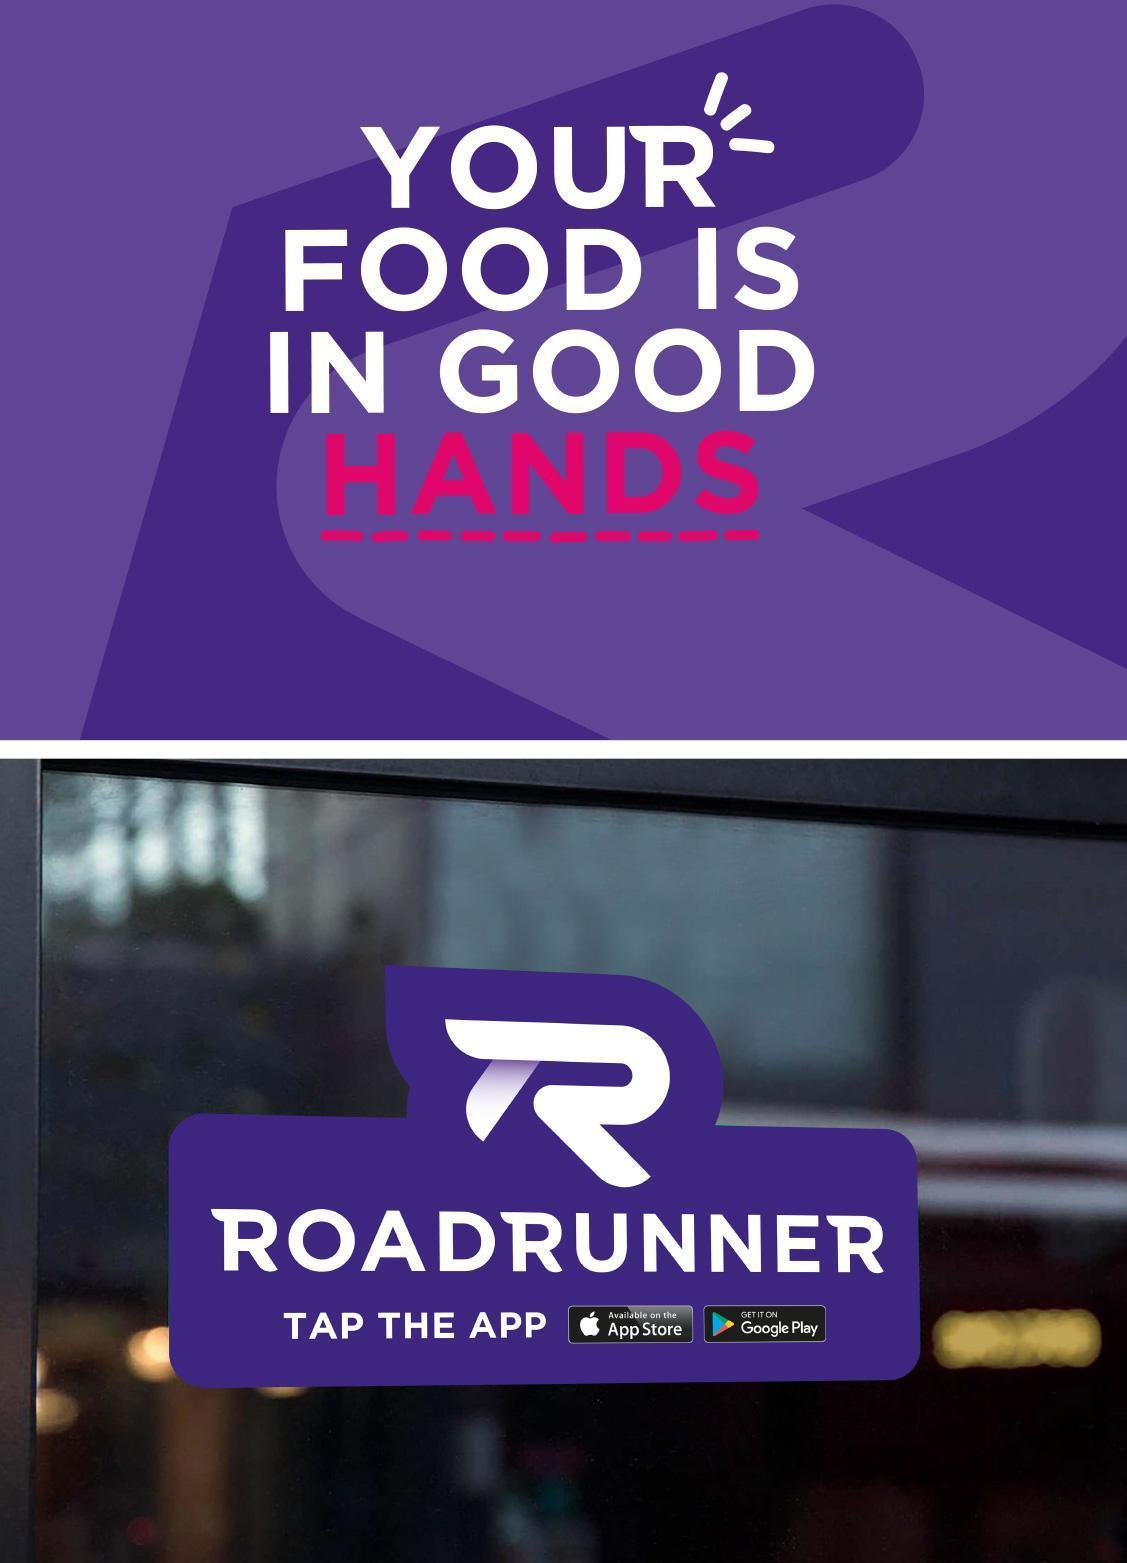 Roadrunner Signage